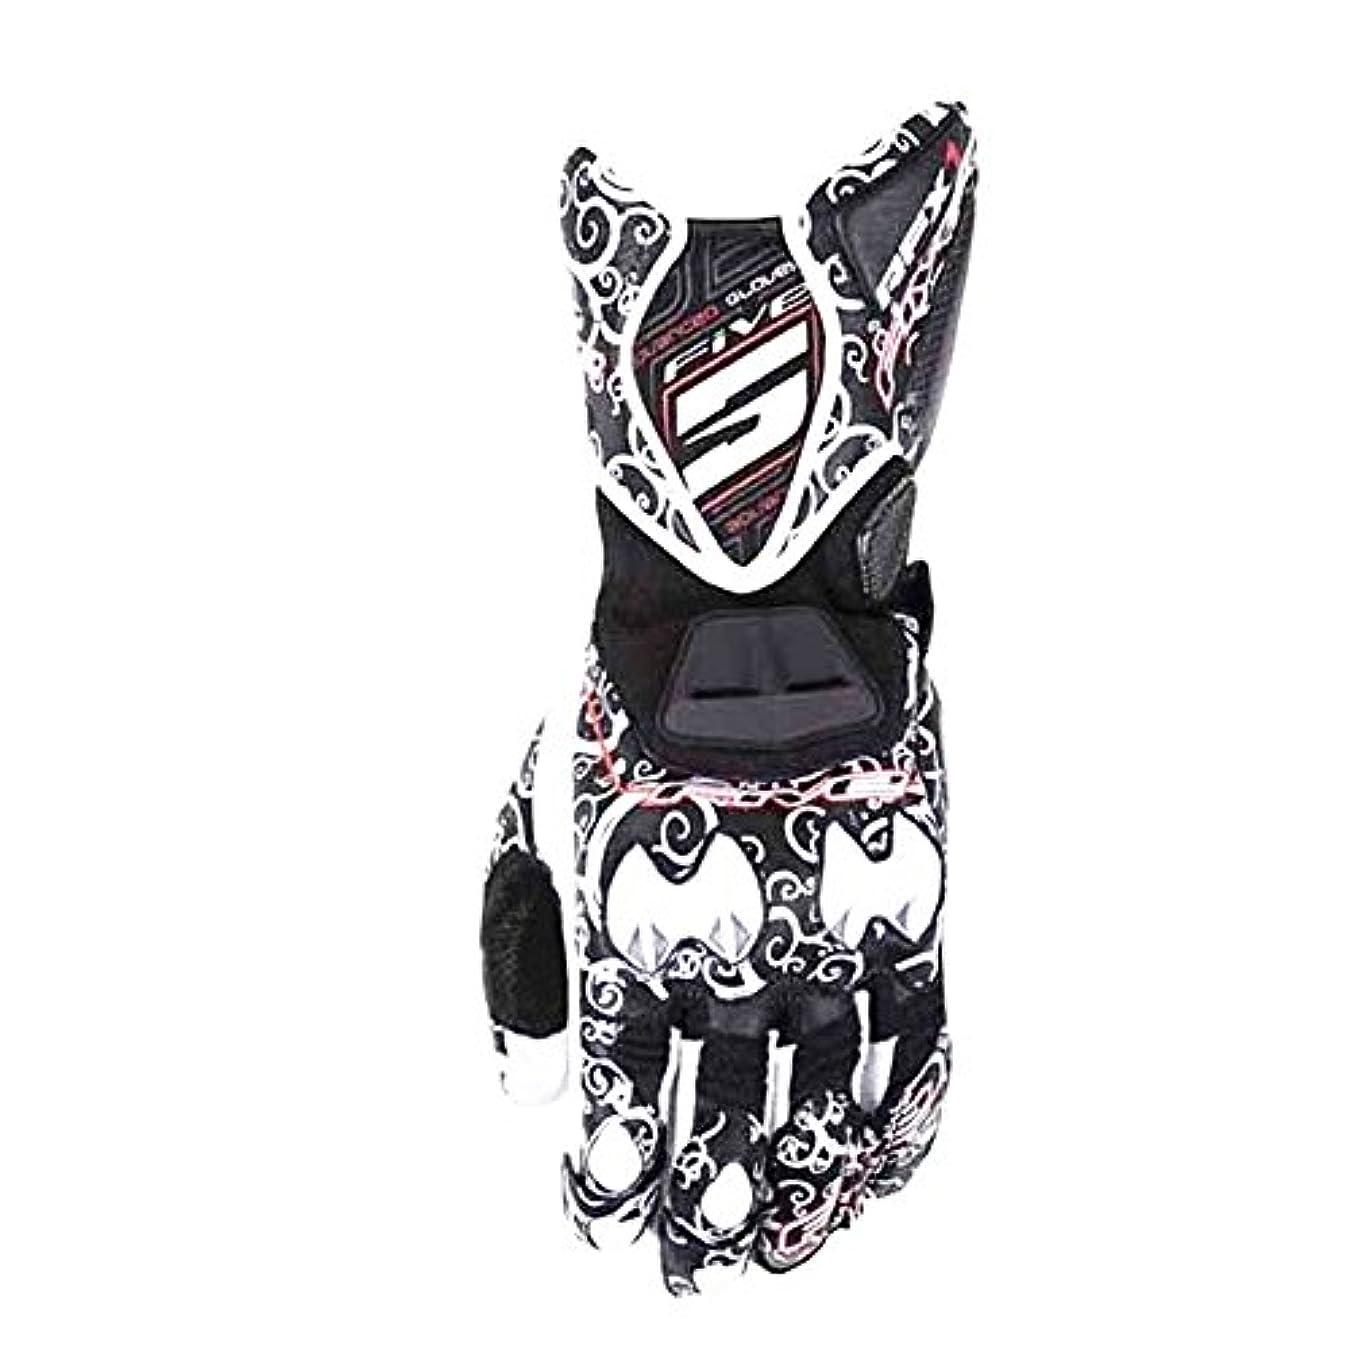 自動マイクロフォンジャーナル快適 レーシングオートバイの手袋を印刷する オートバイ登山トレッキング狩猟野外スポーツ用品グローブフルフィンガーサイクリング用手袋 (色 : ブラック, サイズ : XL)